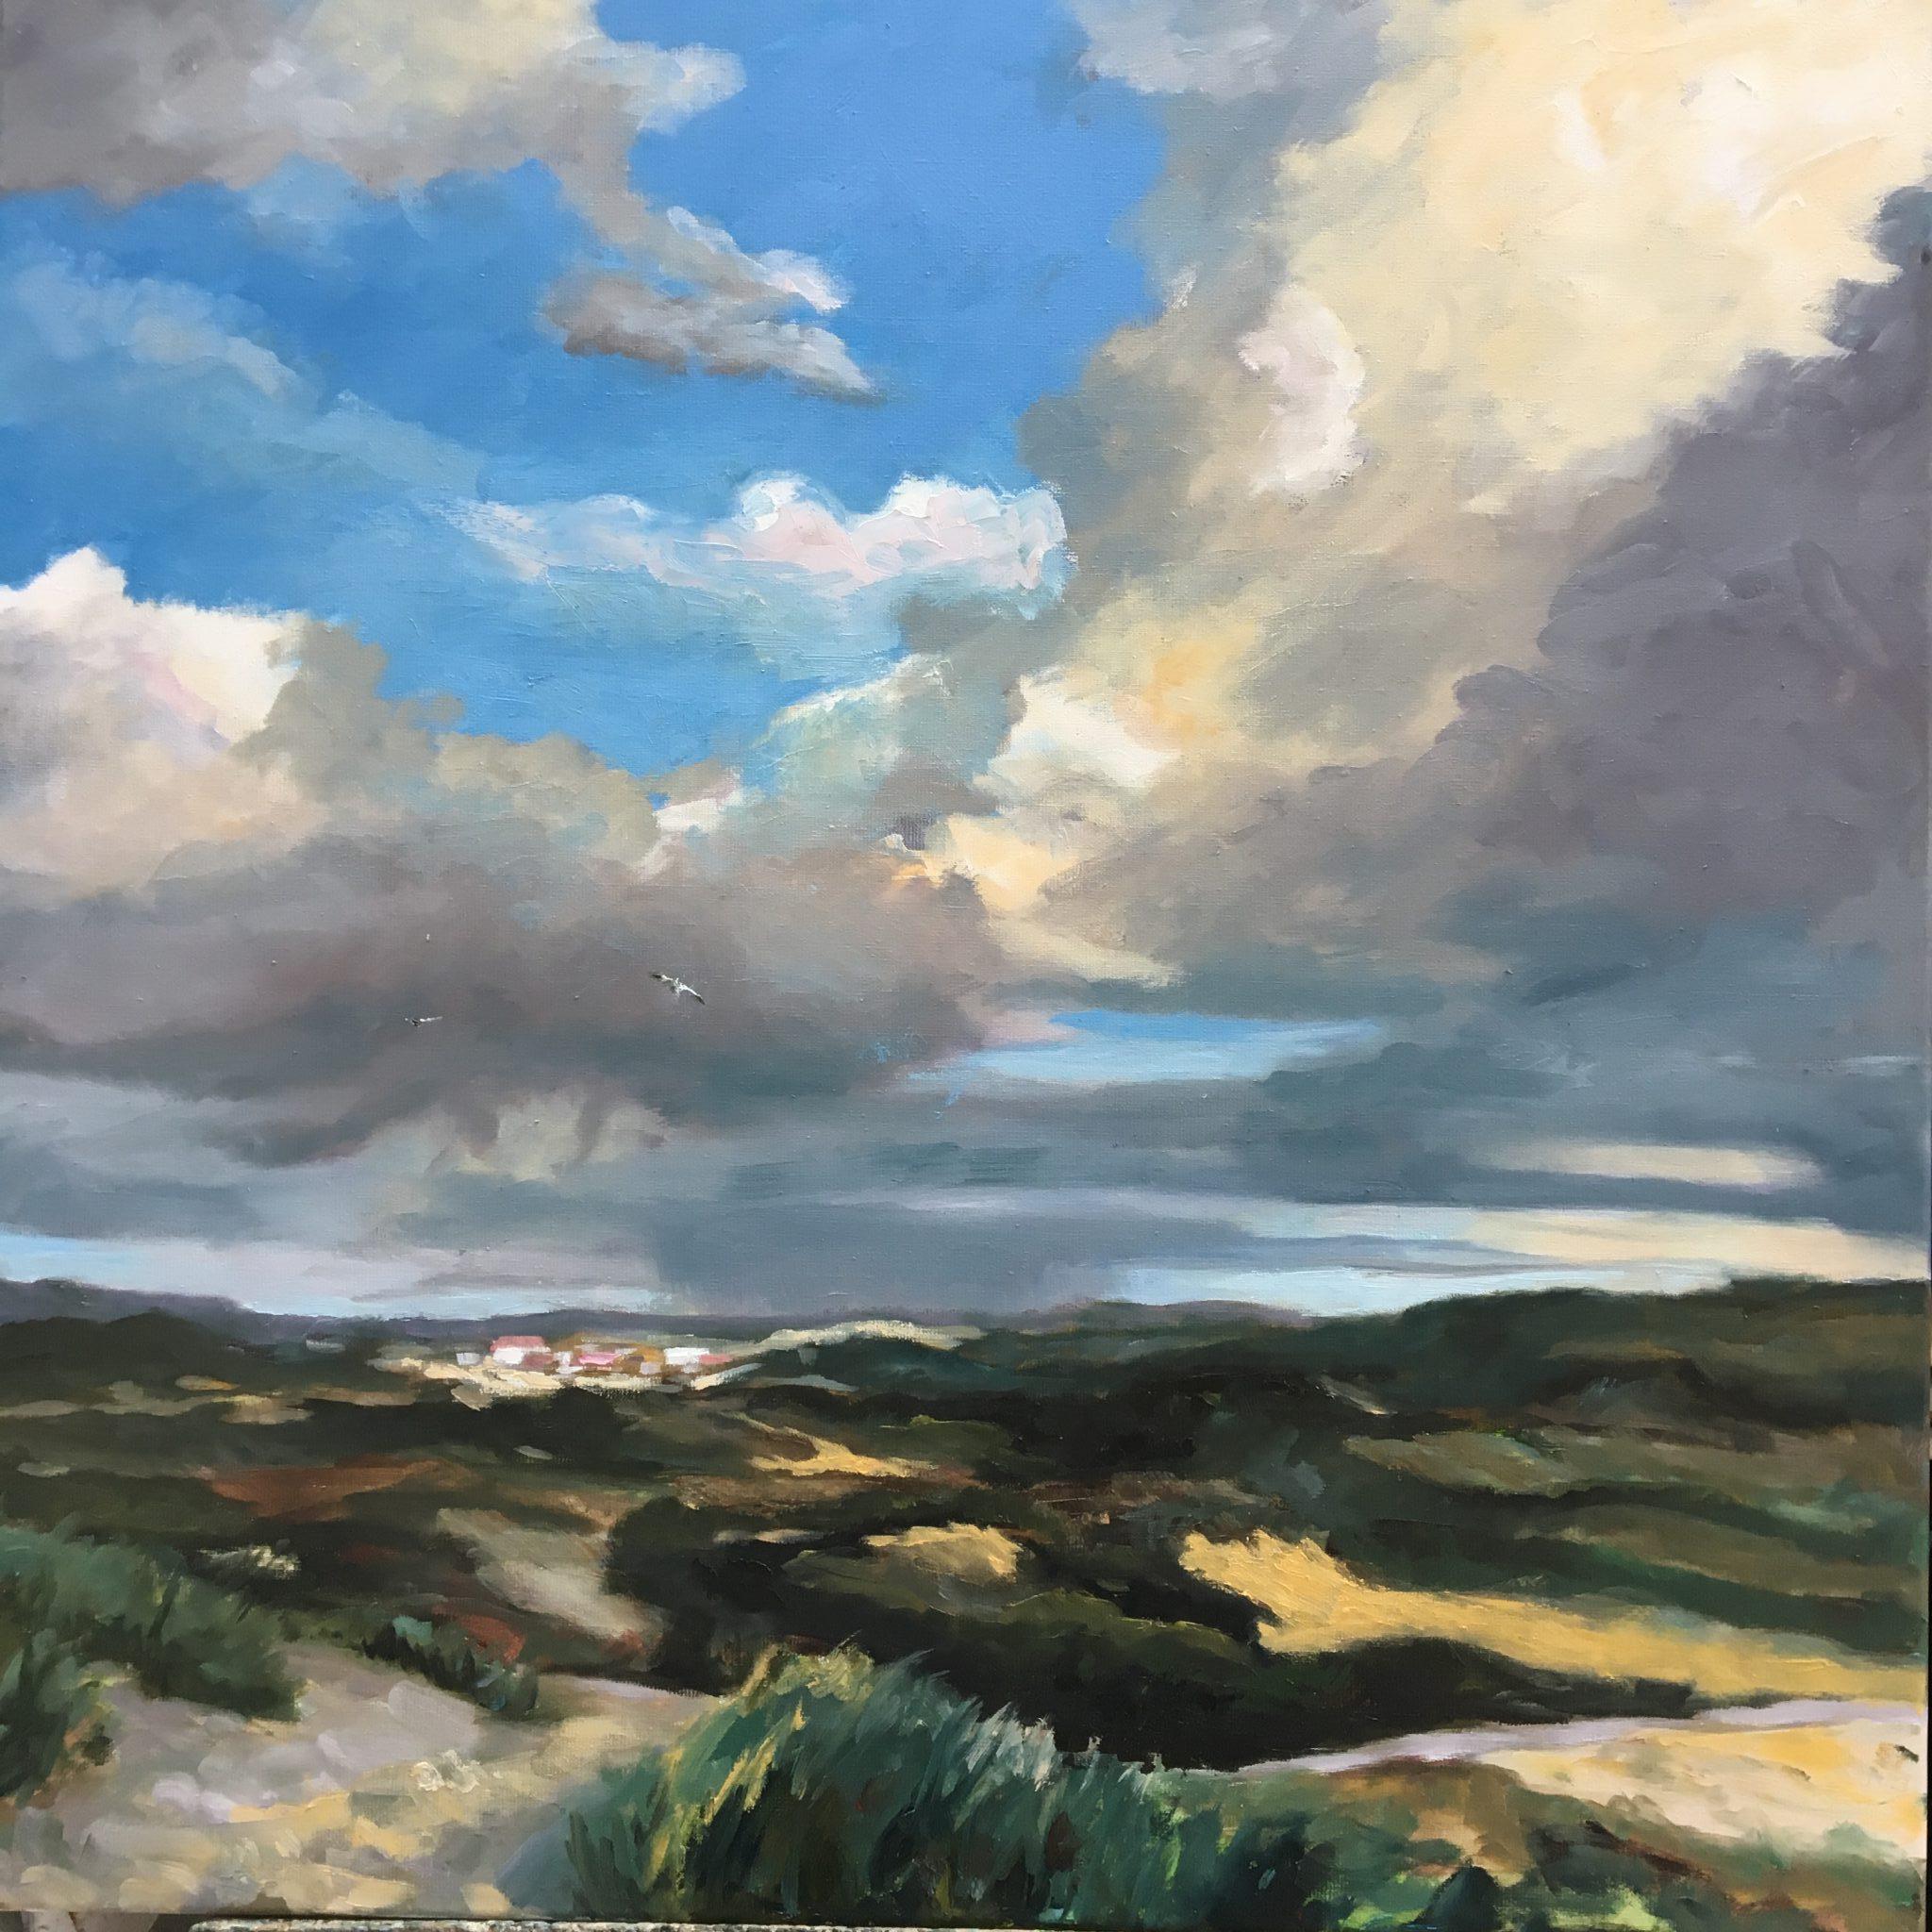 Gezicht op Zandvoort-Zandvoort-duinen-dunes Holland-Sky-skies-Heleenvanlynden-